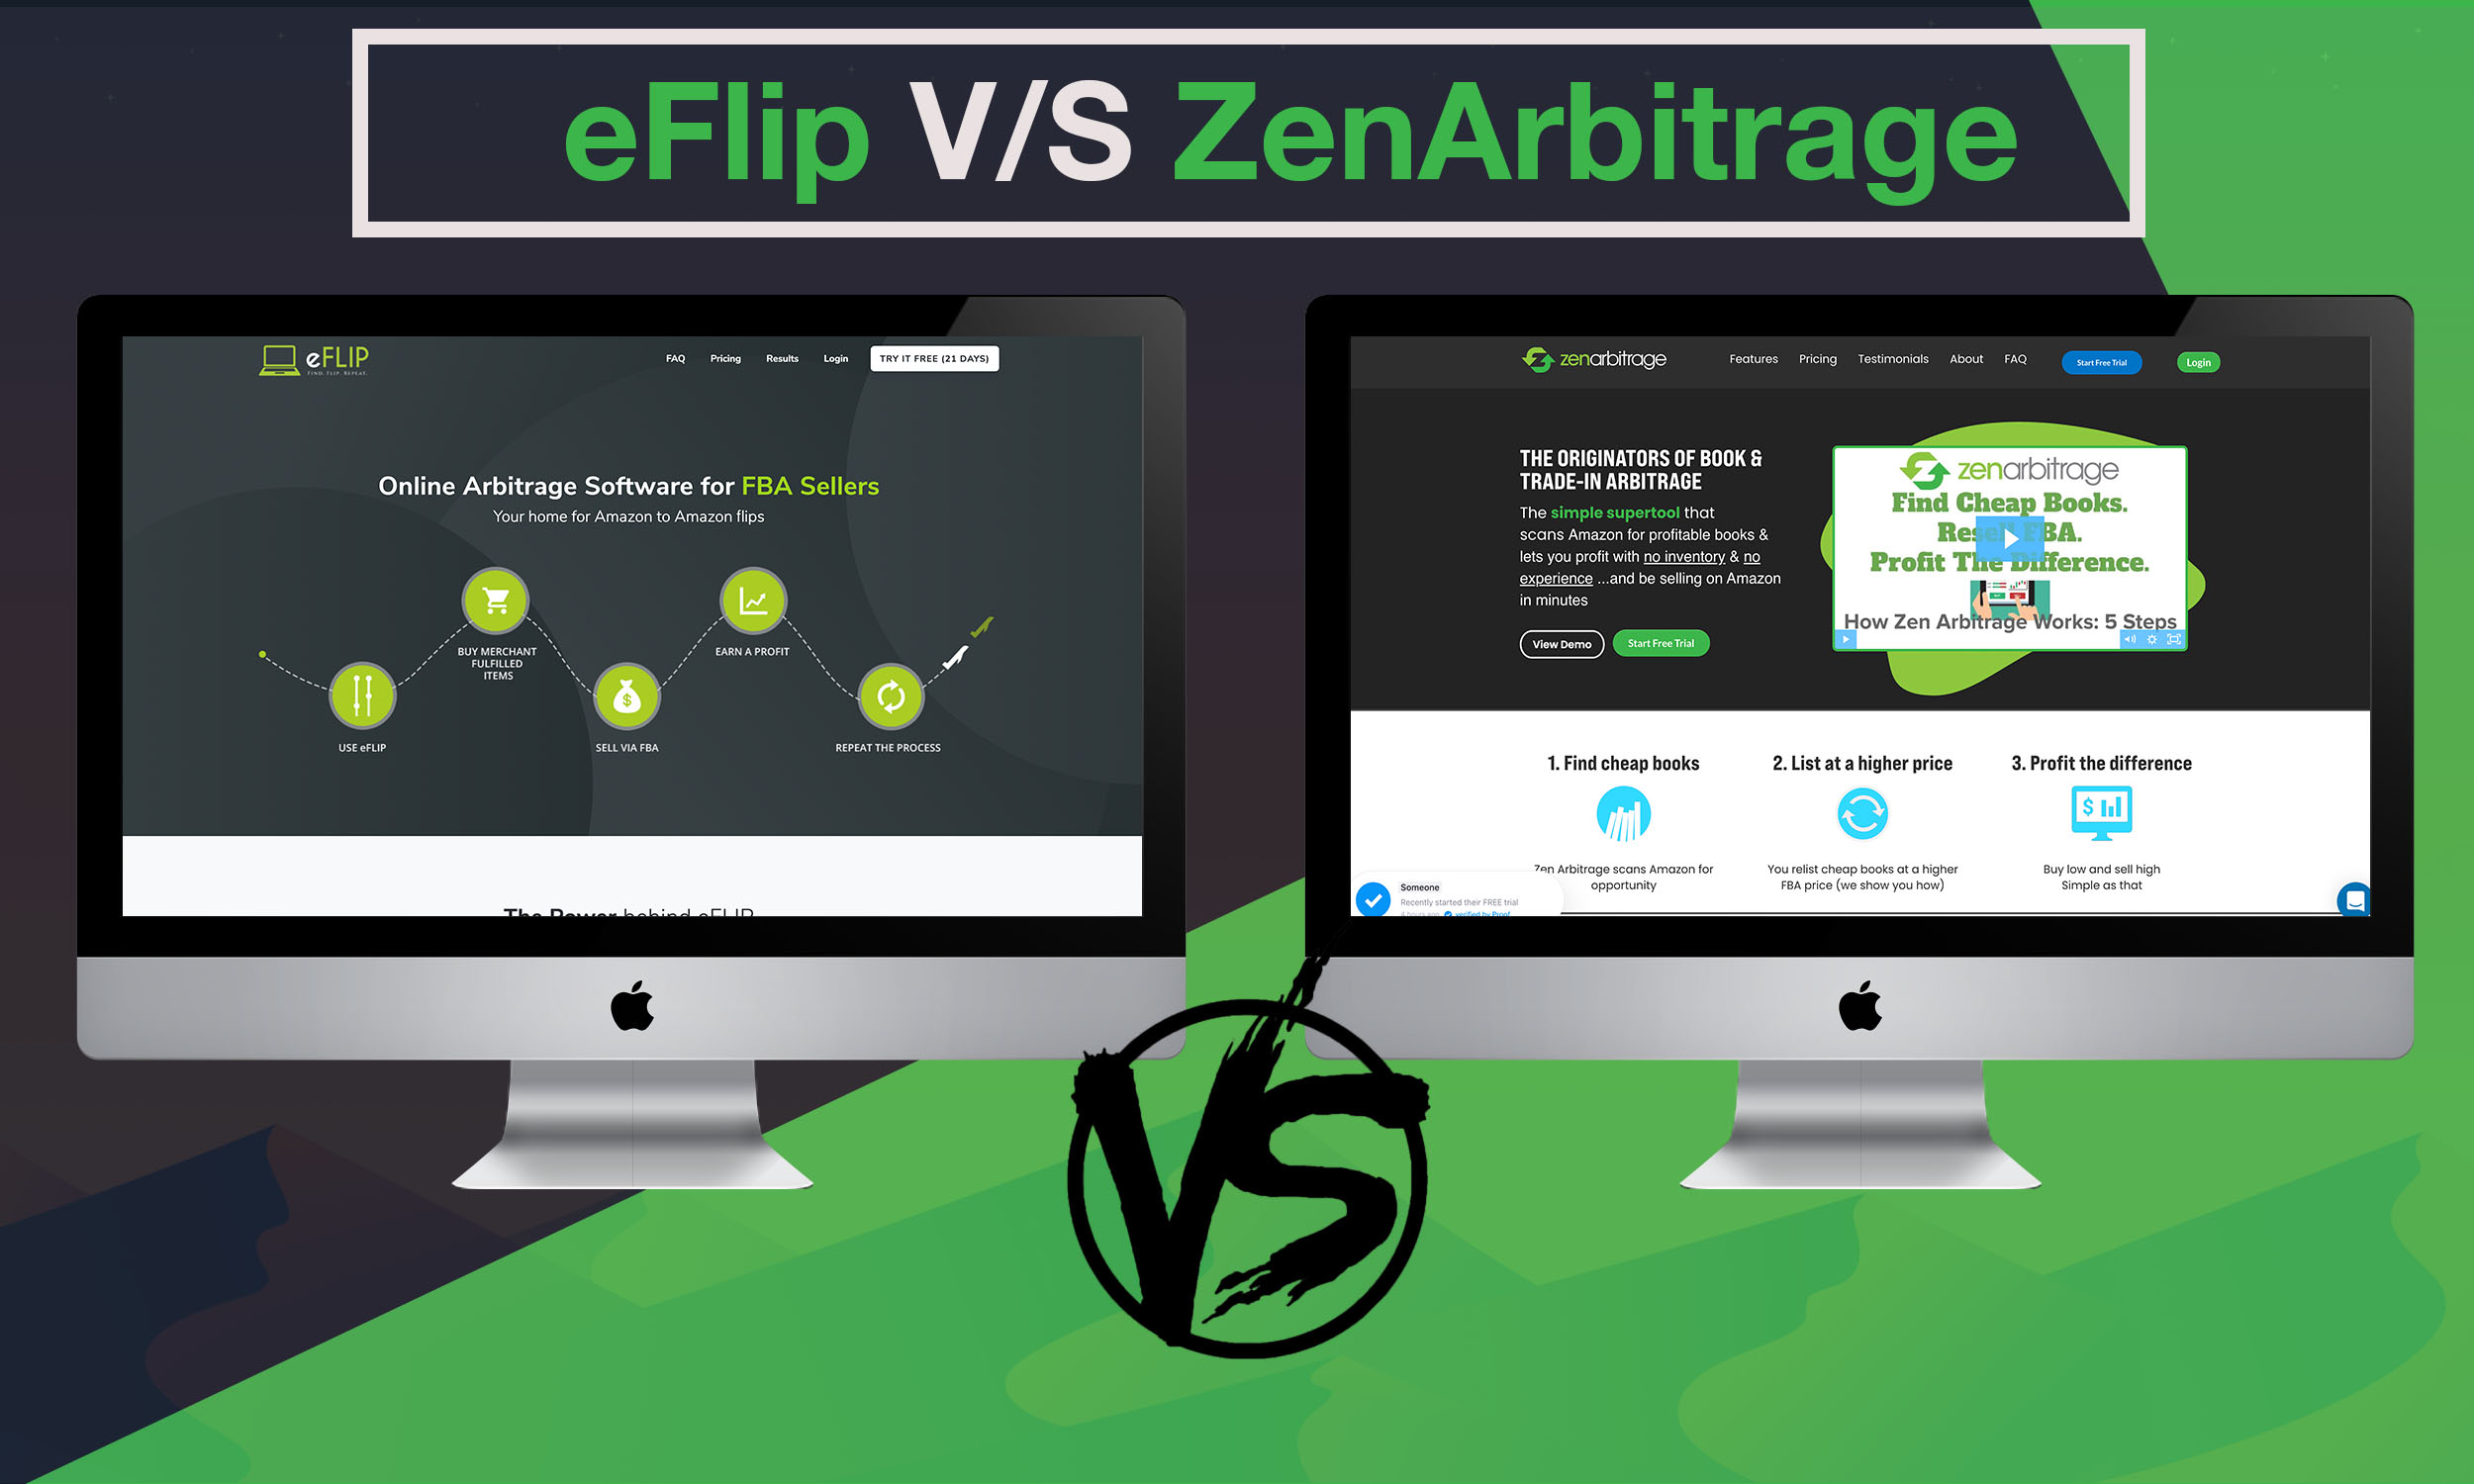 eflip-vs-zenarbitrage